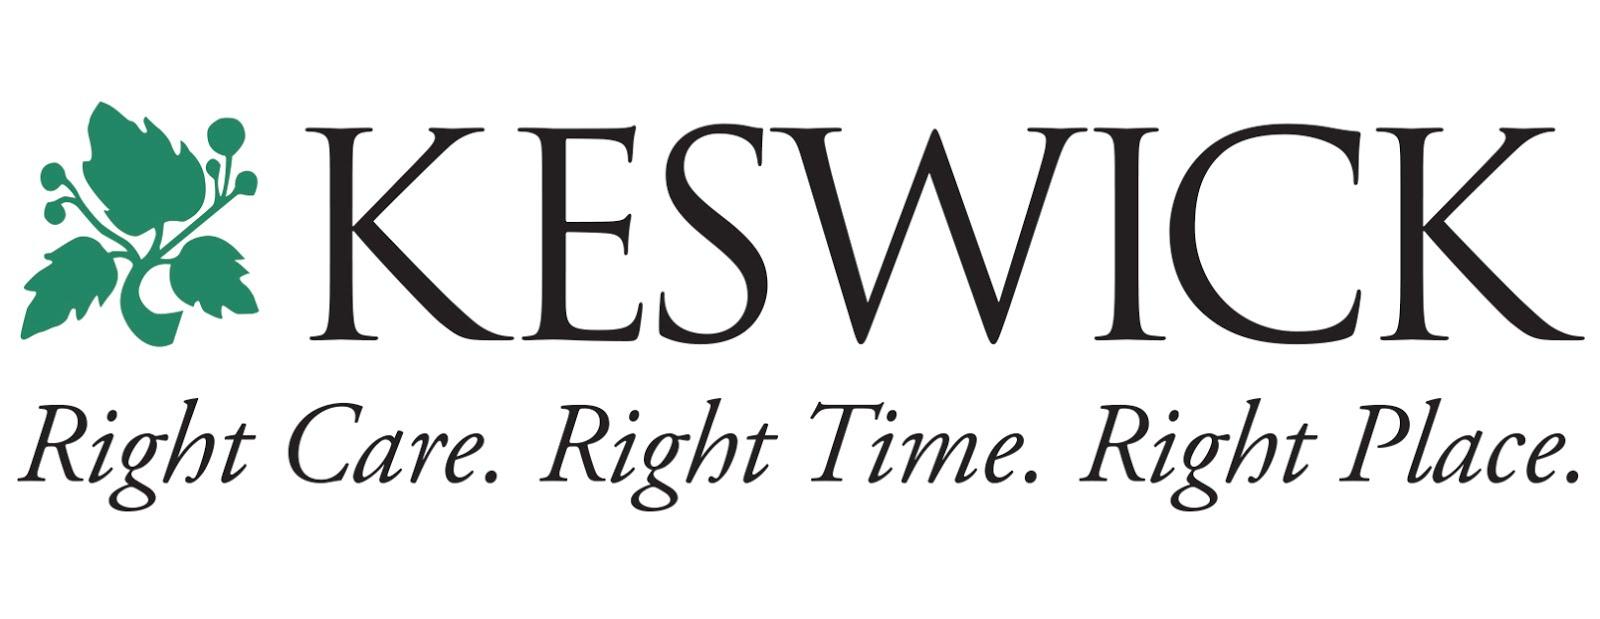 Keswick Multicare